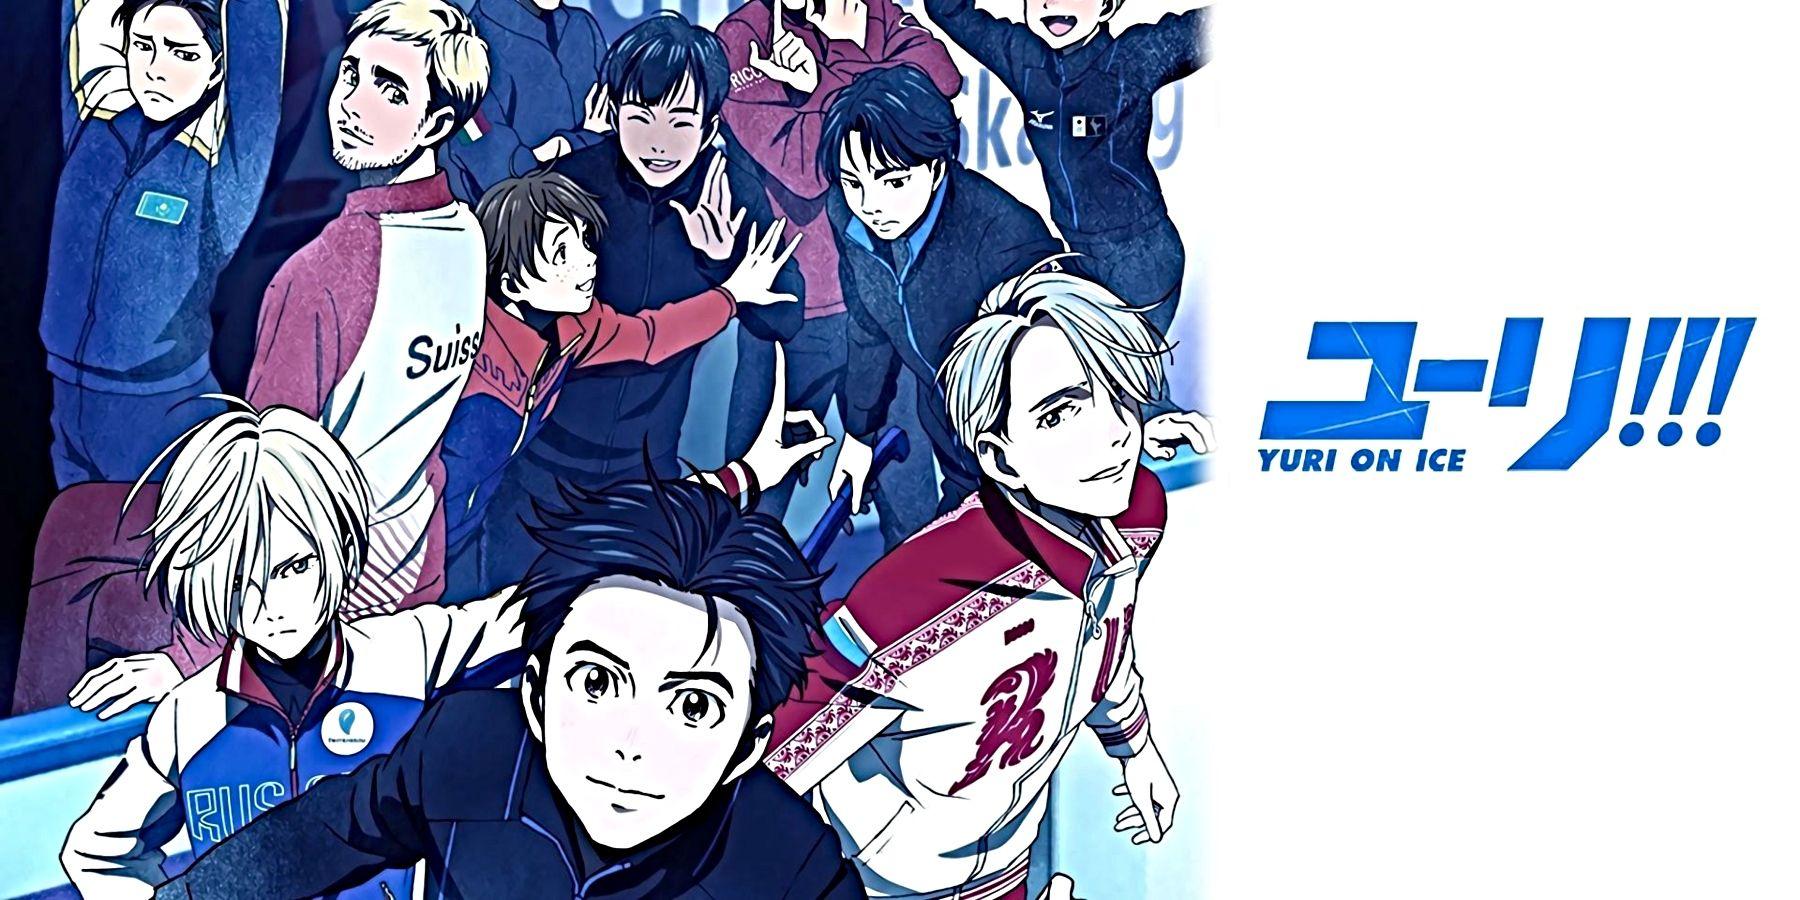 Yuri On Ice Season 2 Release Date Trailer Story Details